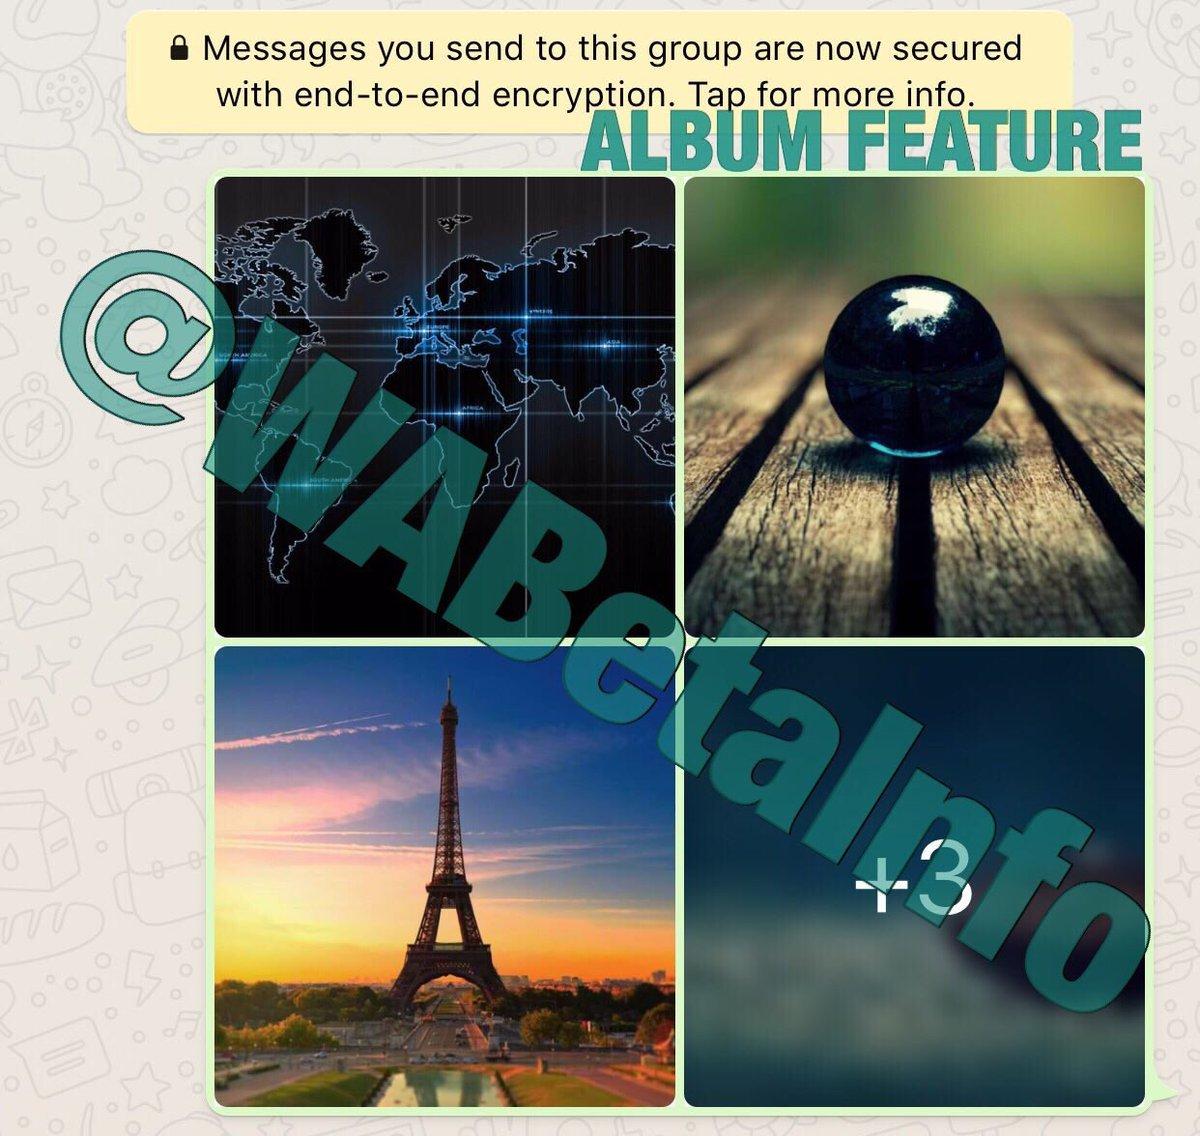 Nuovo aggiornamento di Whatsapp per iPhone: dettagli della versione 2.17.20